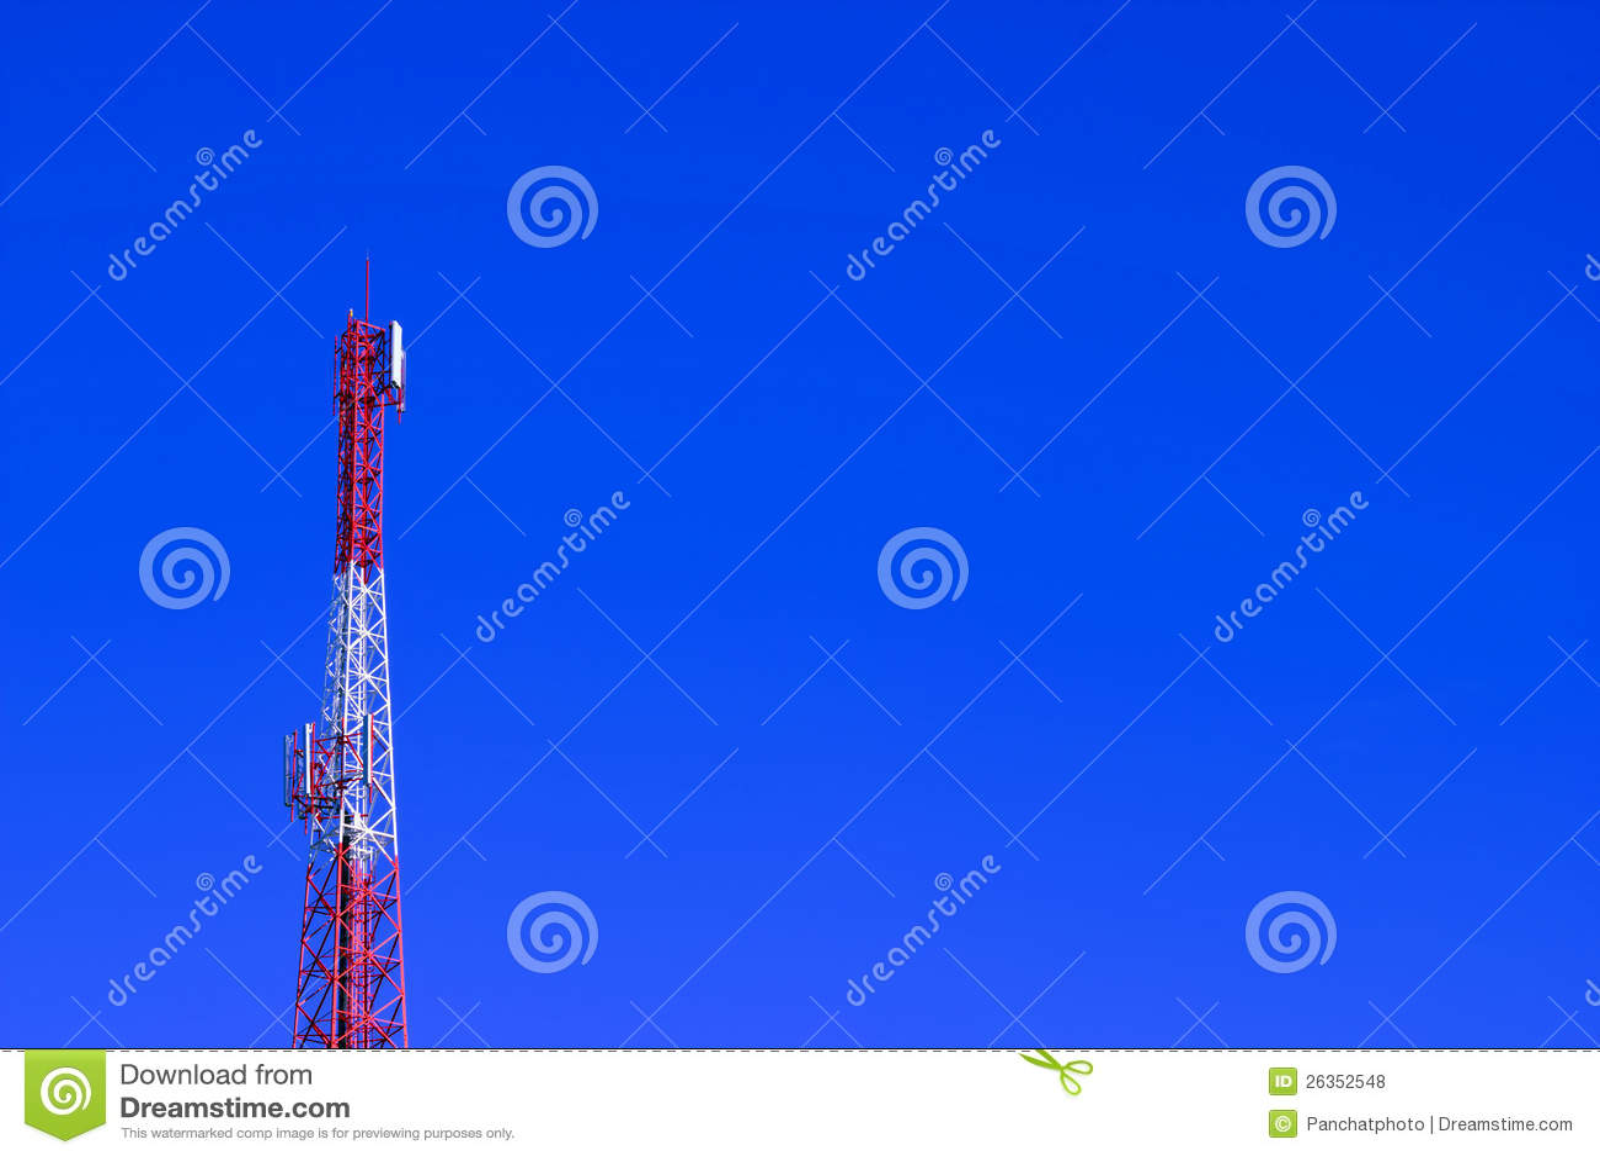 Telekommunikationskontrollturm